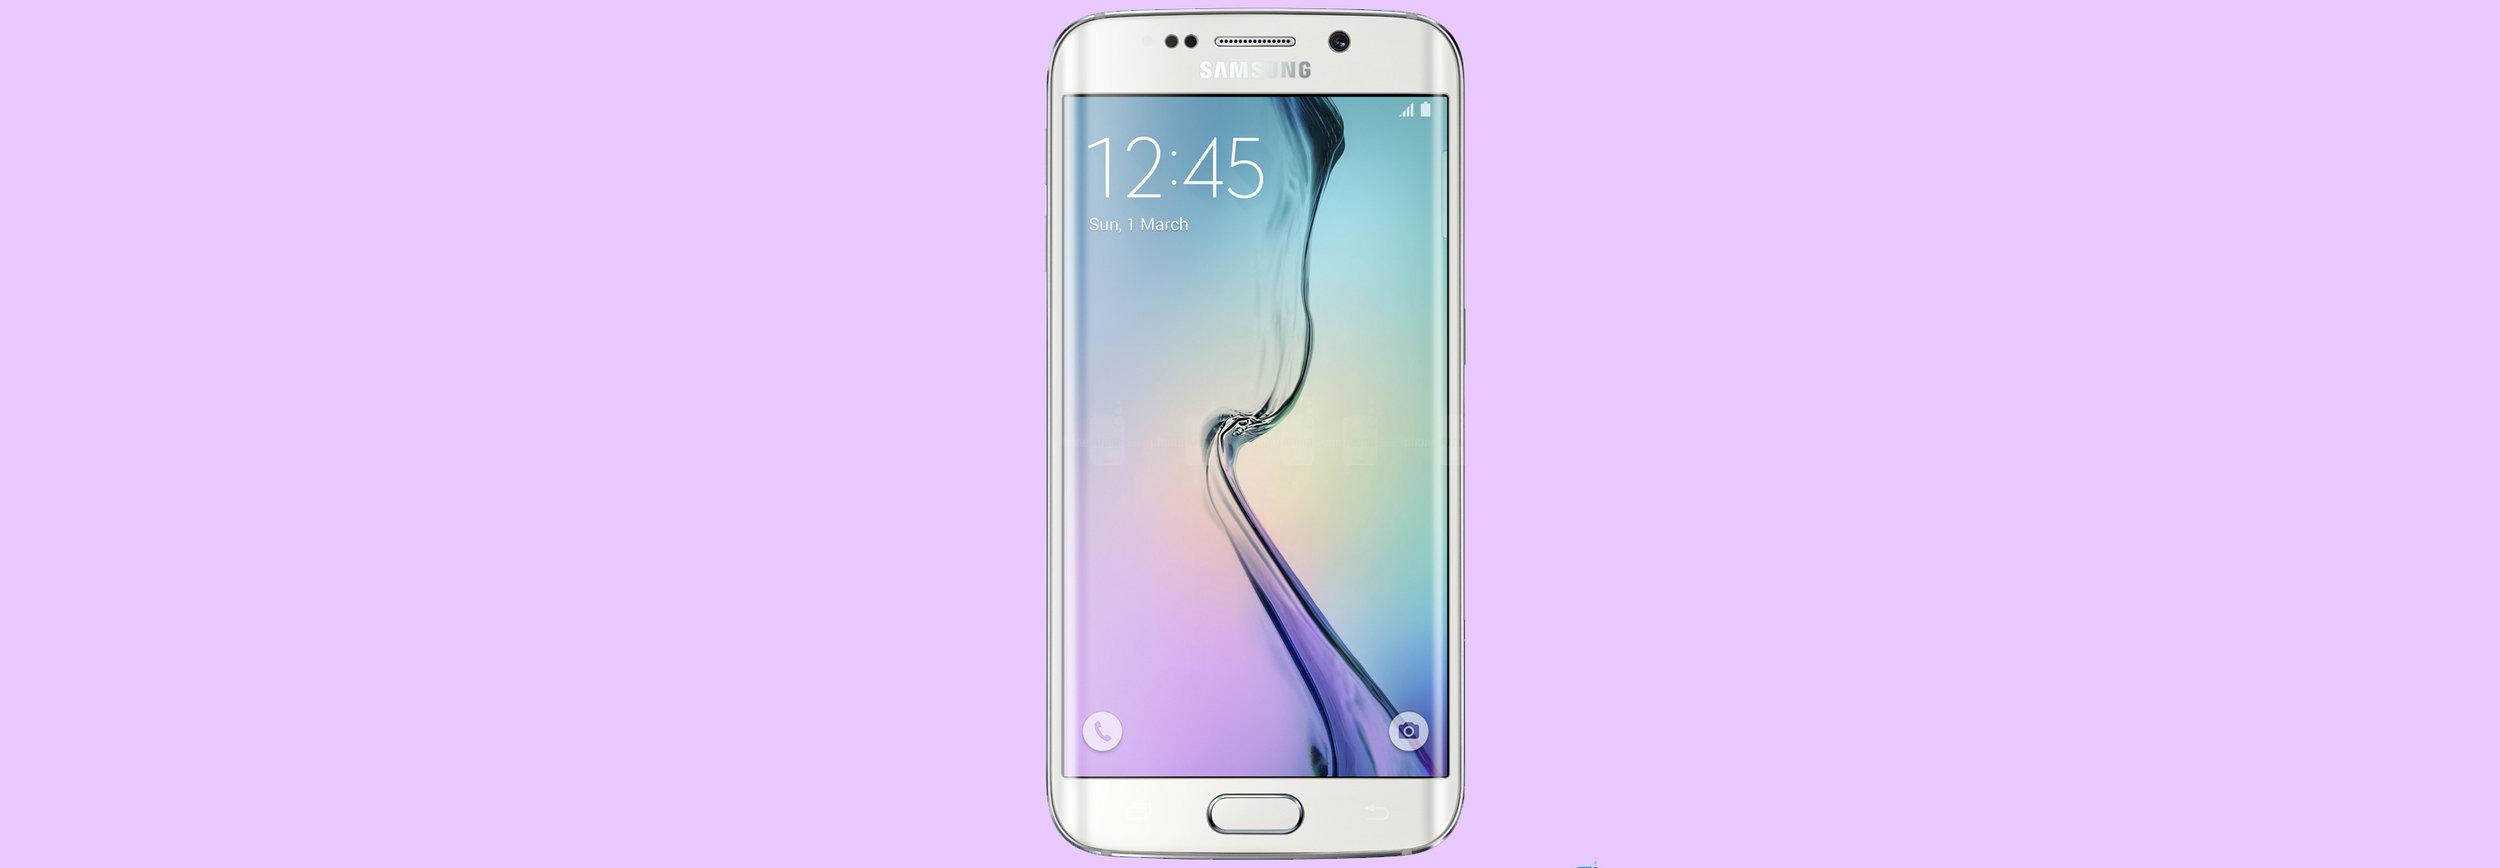 Galaxy S6 Edge Ex.jpg